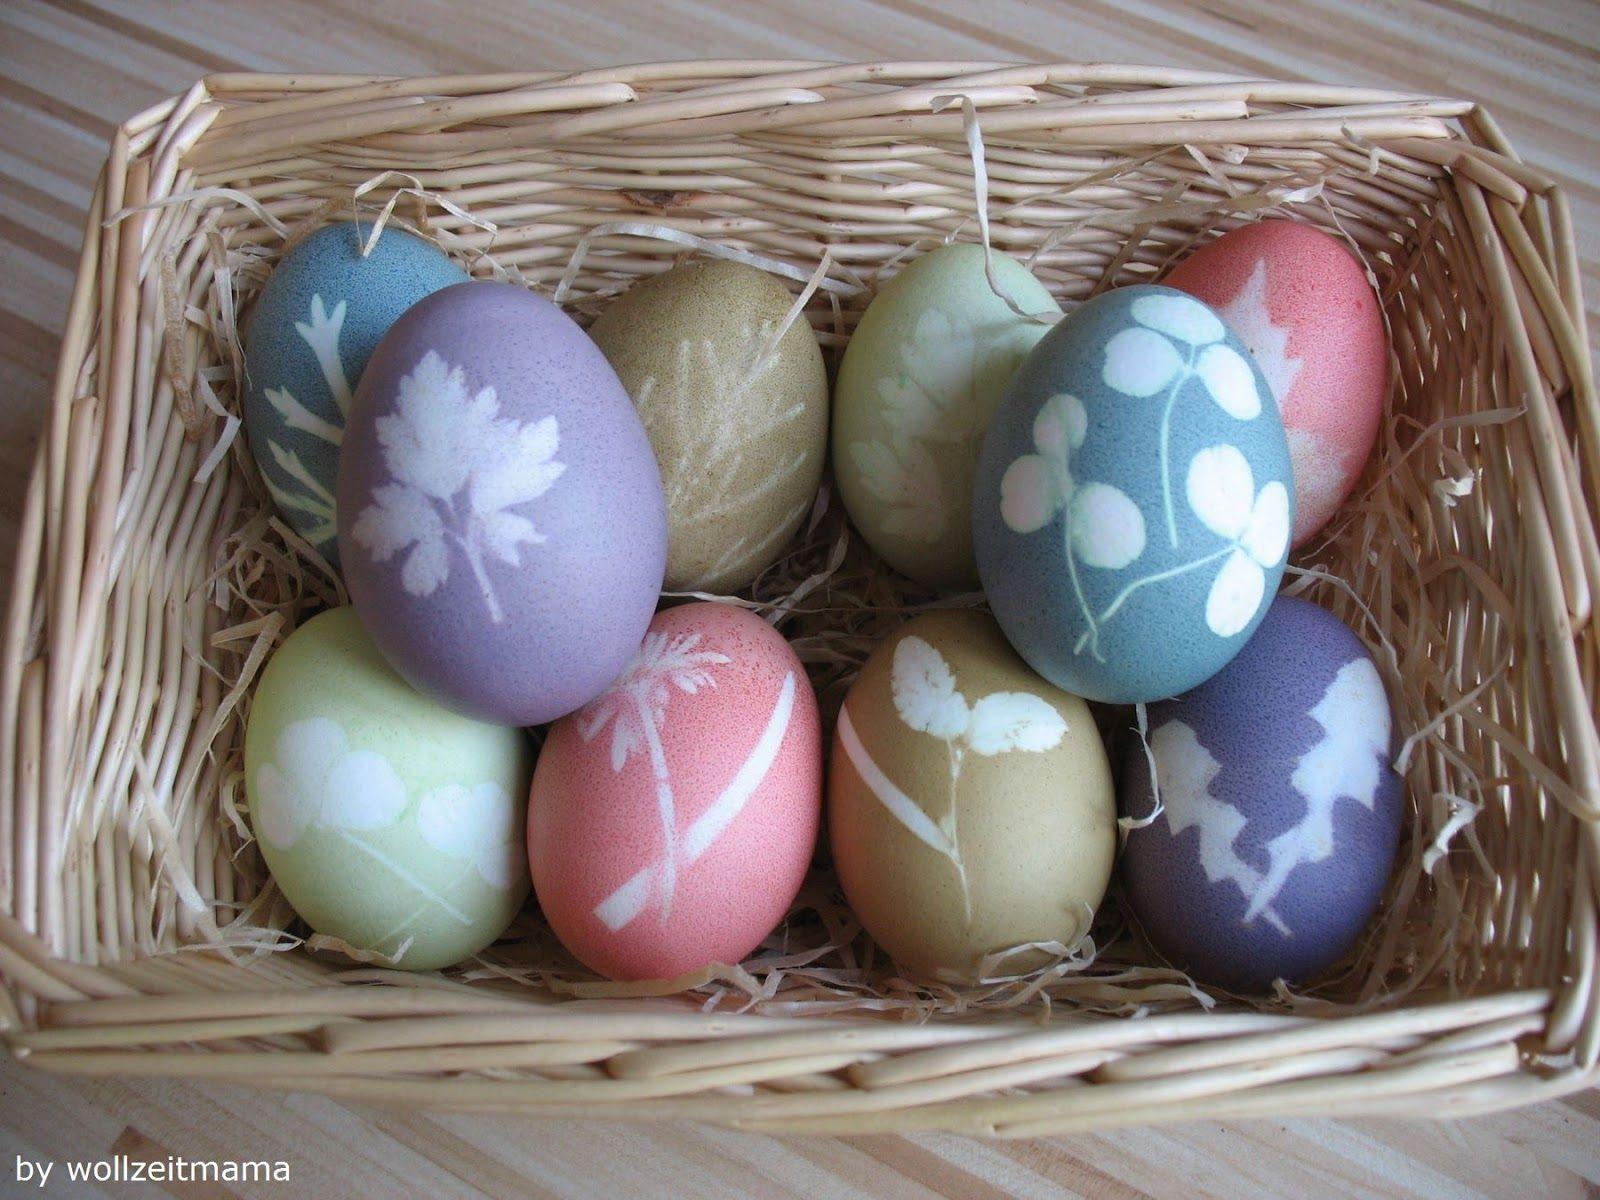 Ostereier färben mit Blättern, Anleitung kostenlos